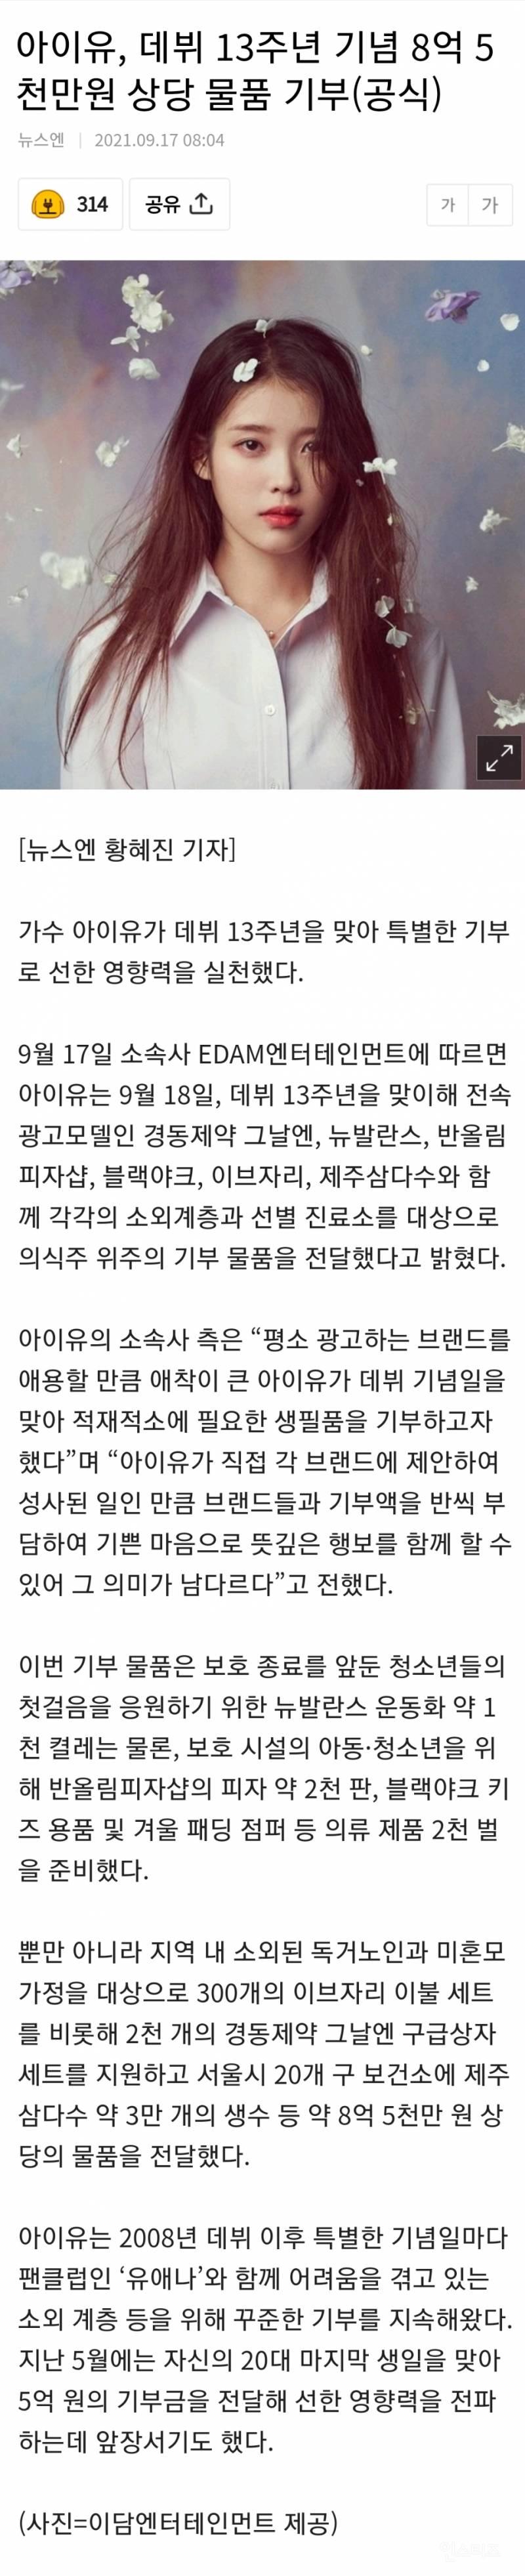 아이유, 데뷔 13주년 기념 8억 5천만원 상당 물품 기부(공식)   인스티즈